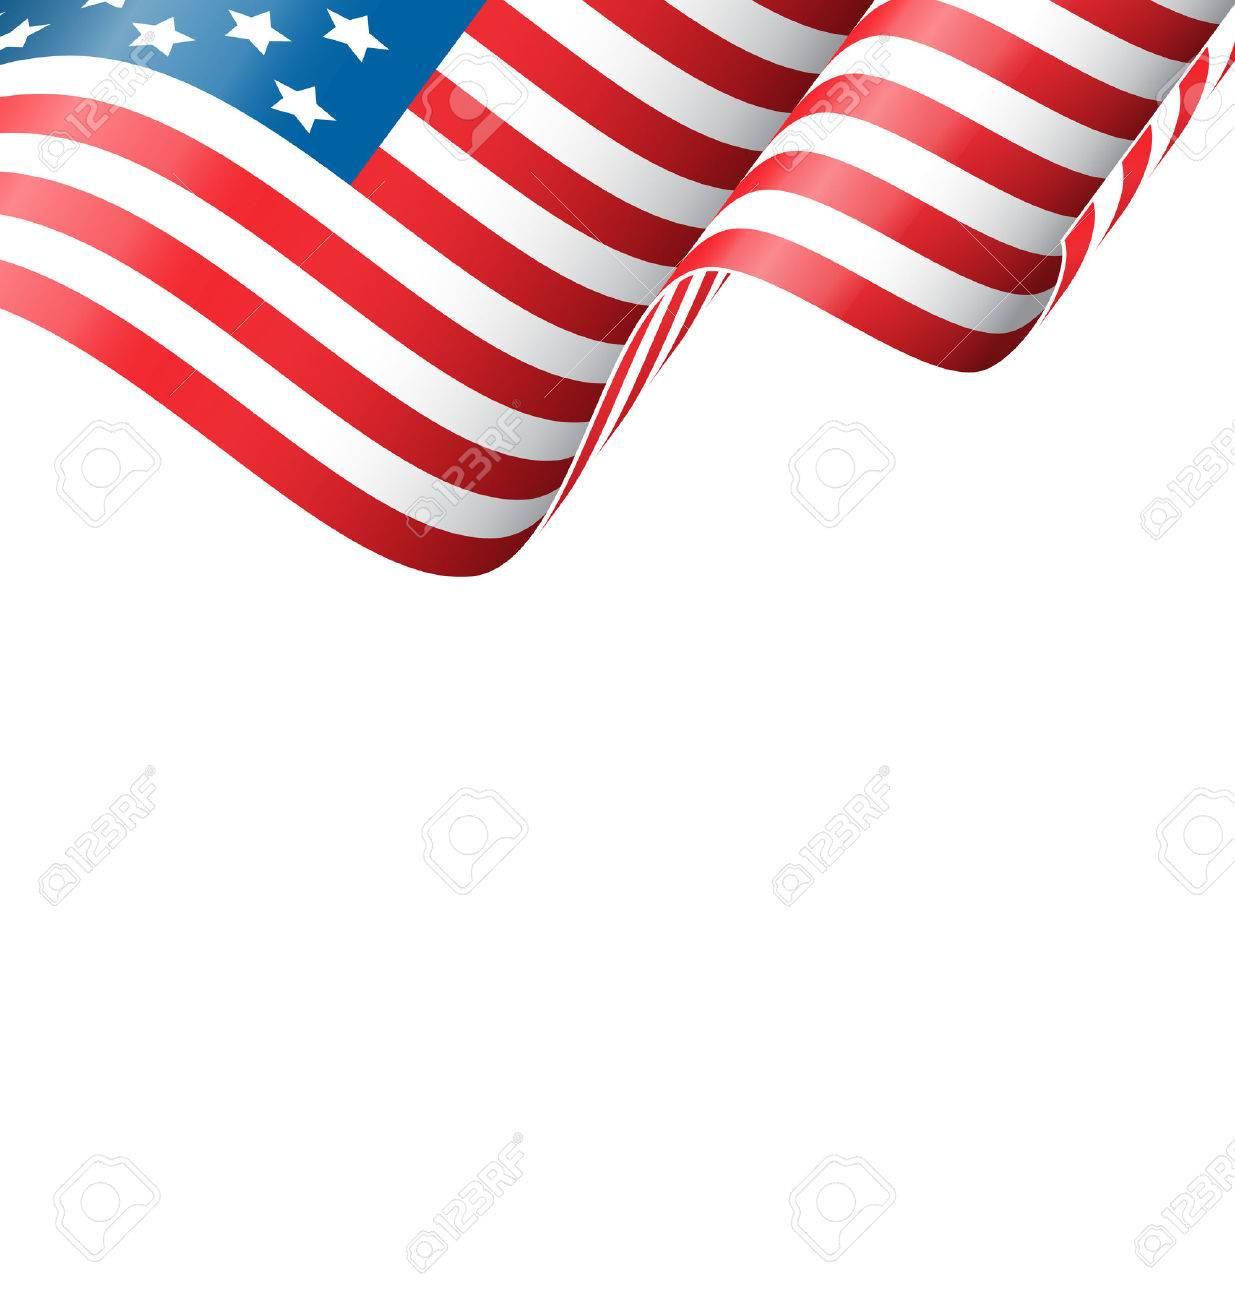 Wavy USA national flag isolated on white background - 41448369